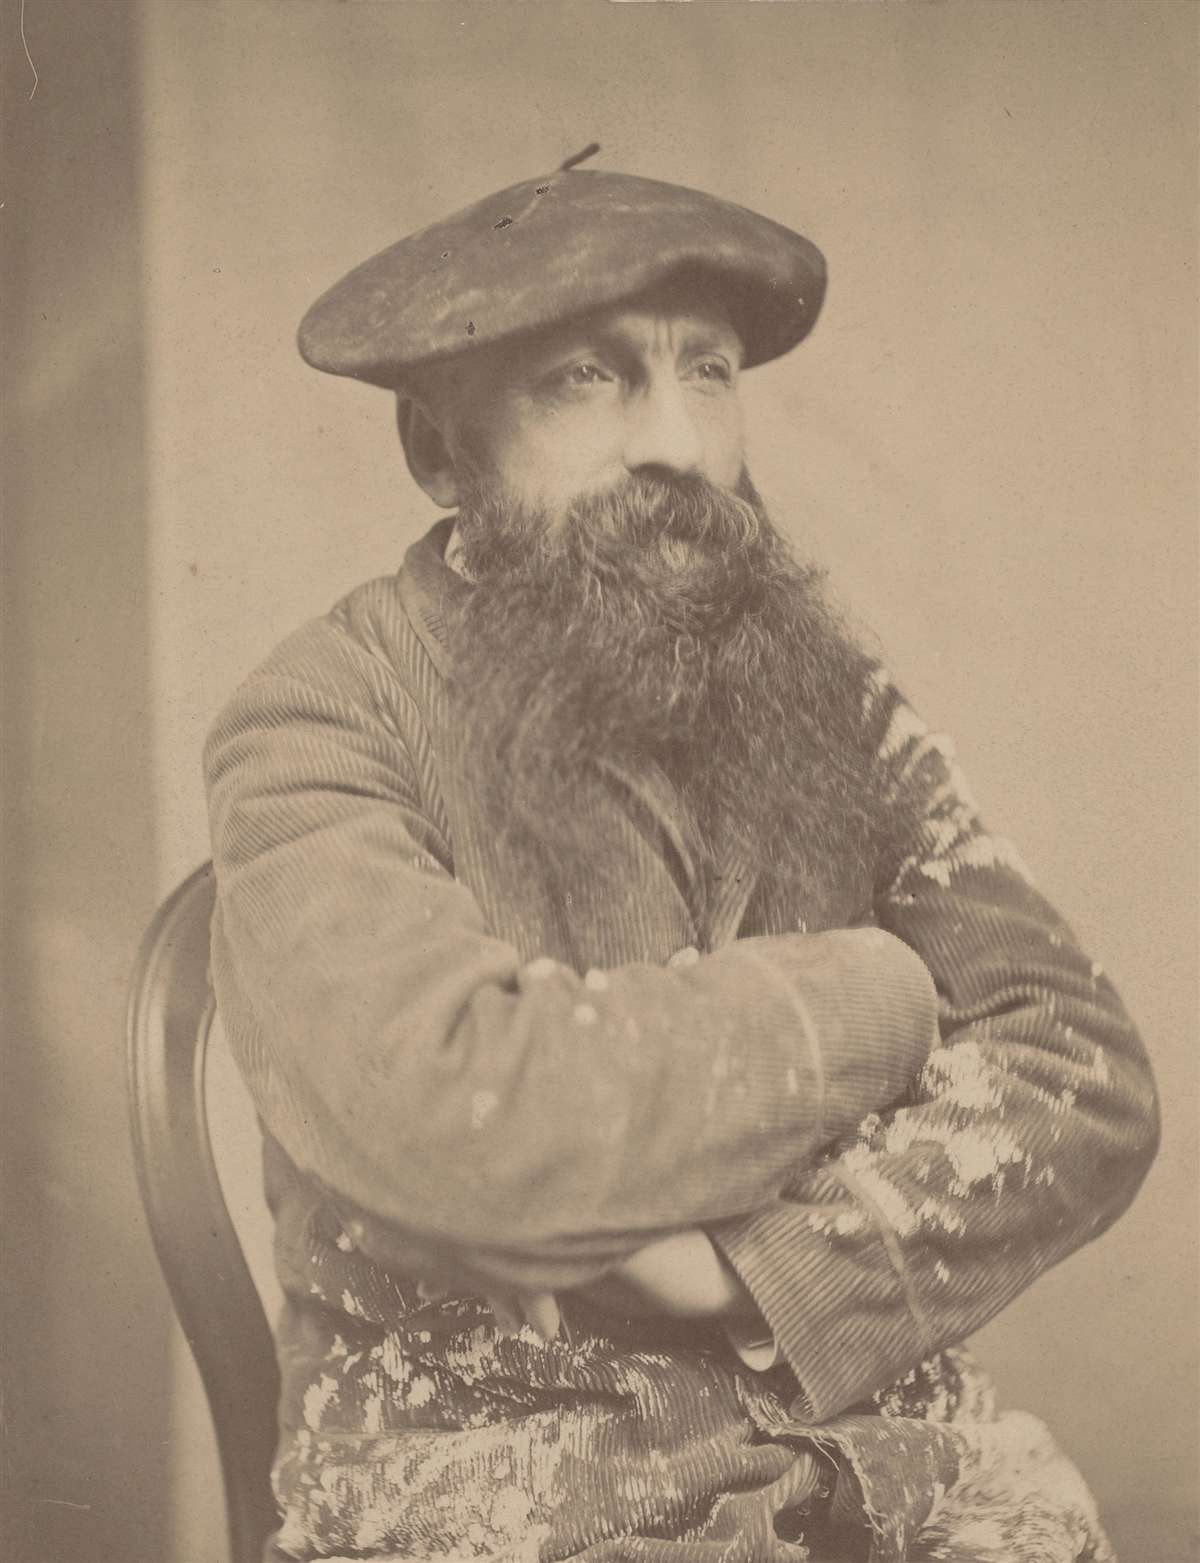 法国雕塑家奥古斯特·罗丹肖像